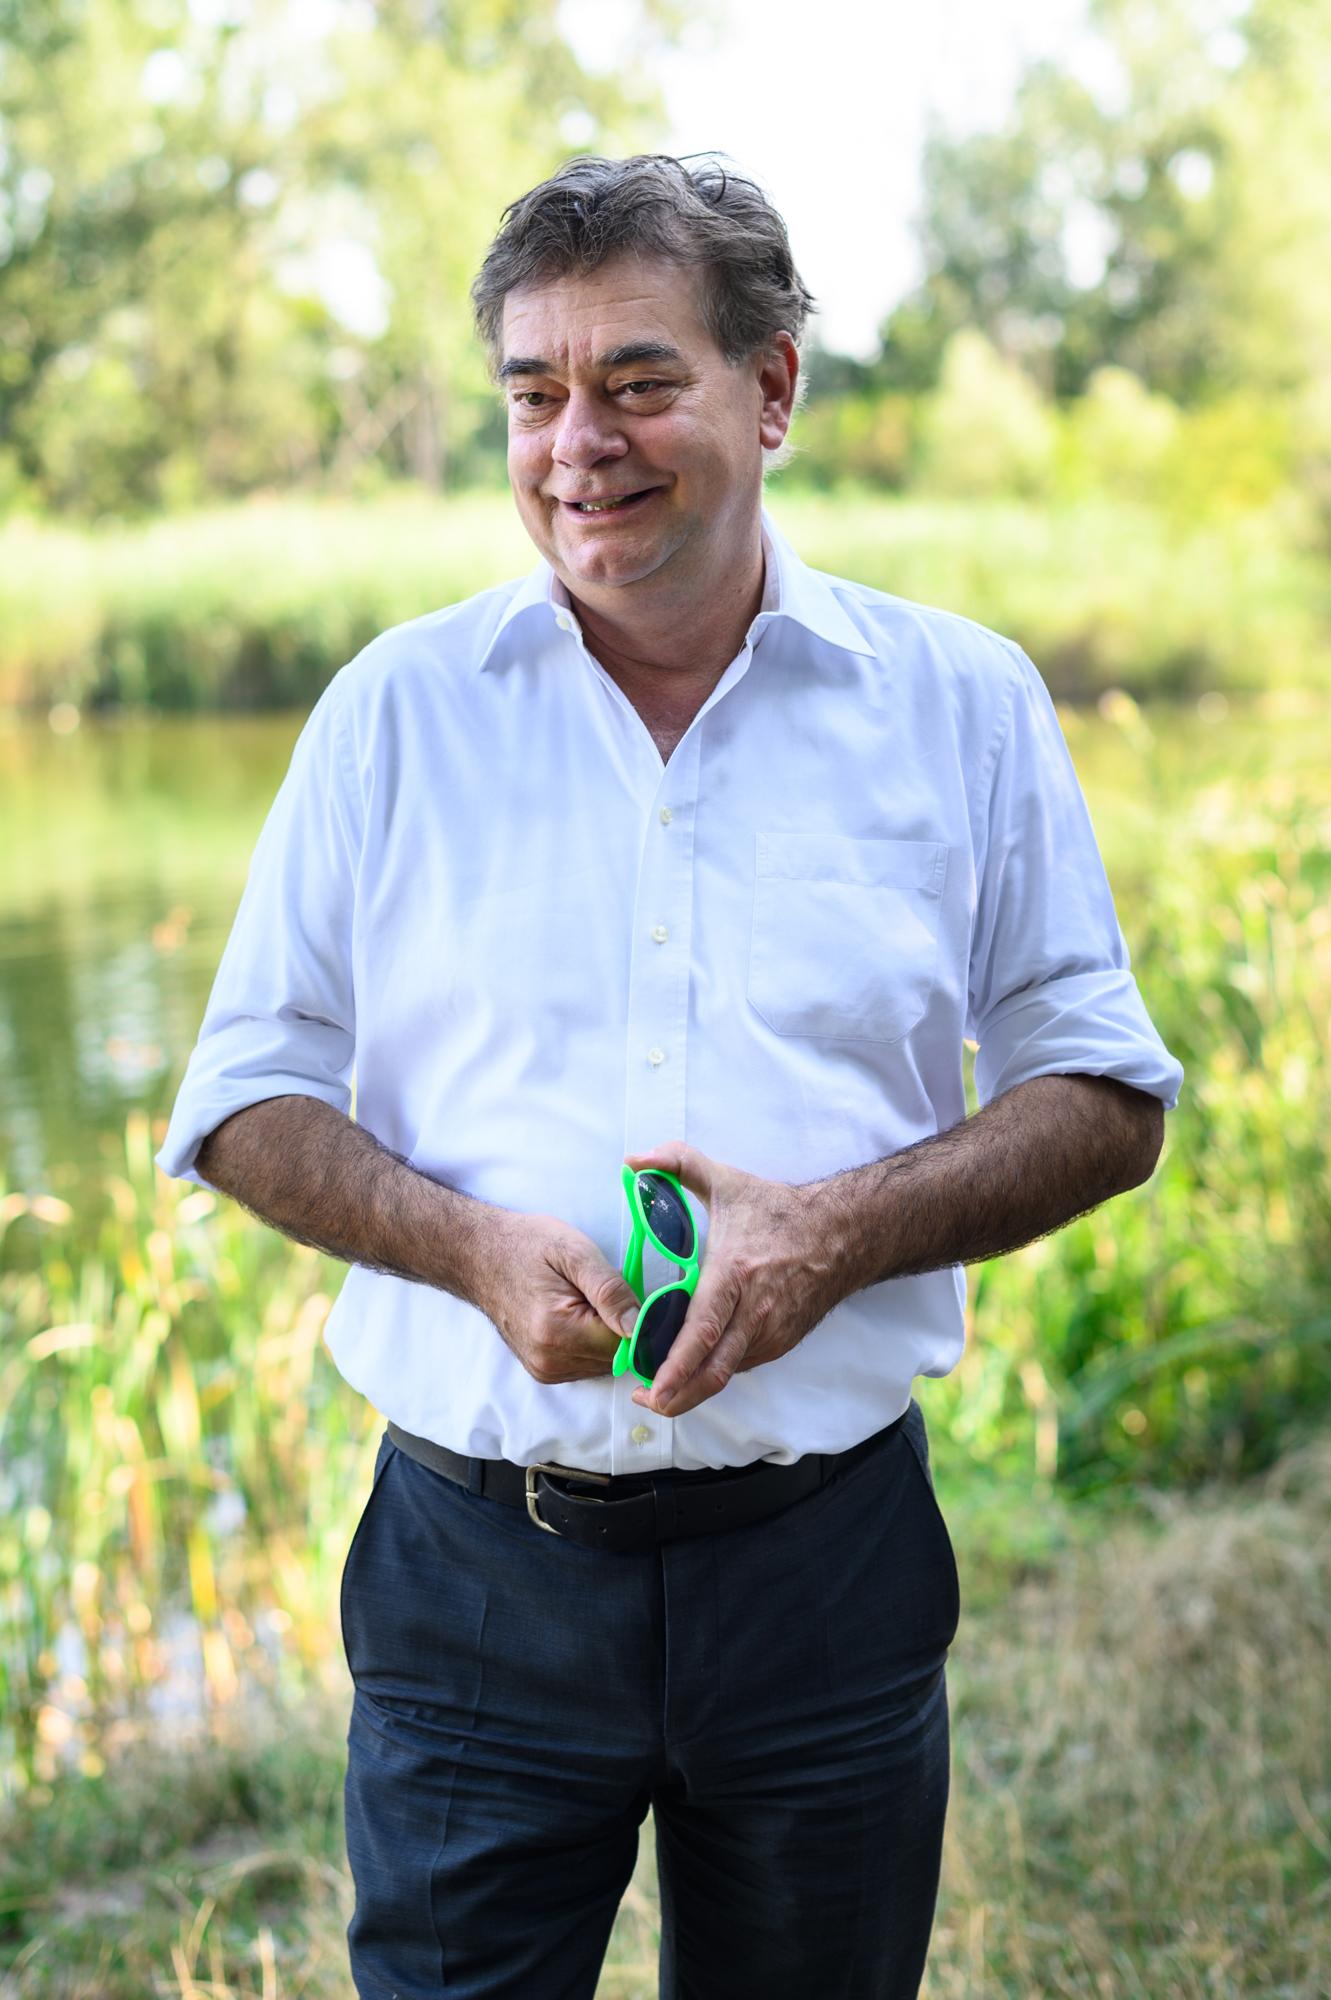 Kogler, Kurz, Sondierungsgespräche, Politik, Wahlen, Grüne